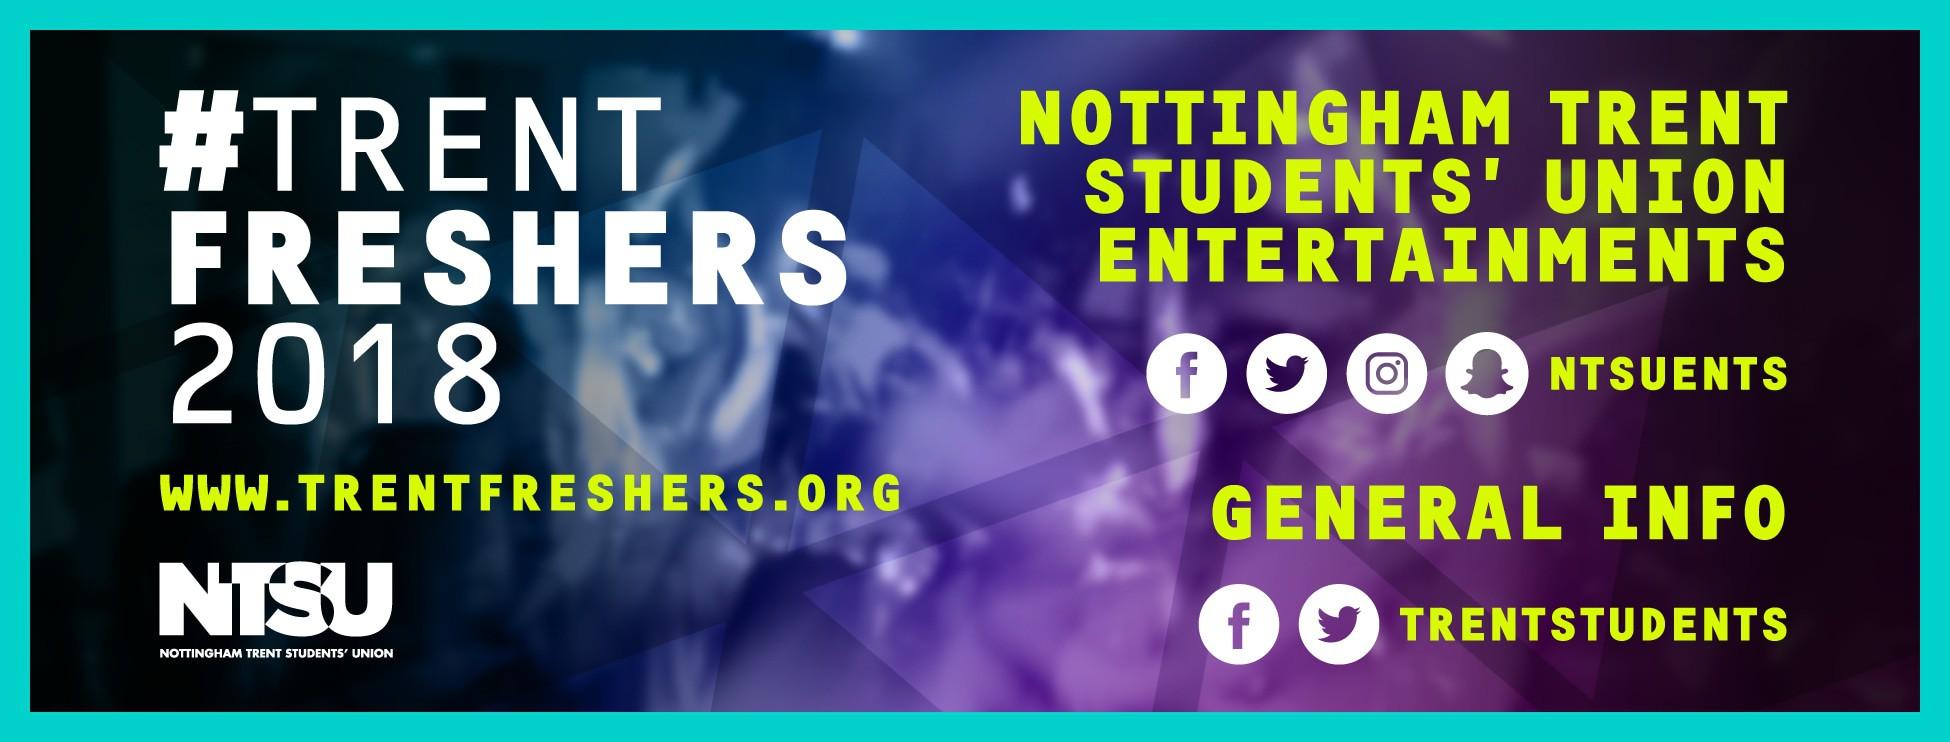 Trent Freshers 2018 Banner